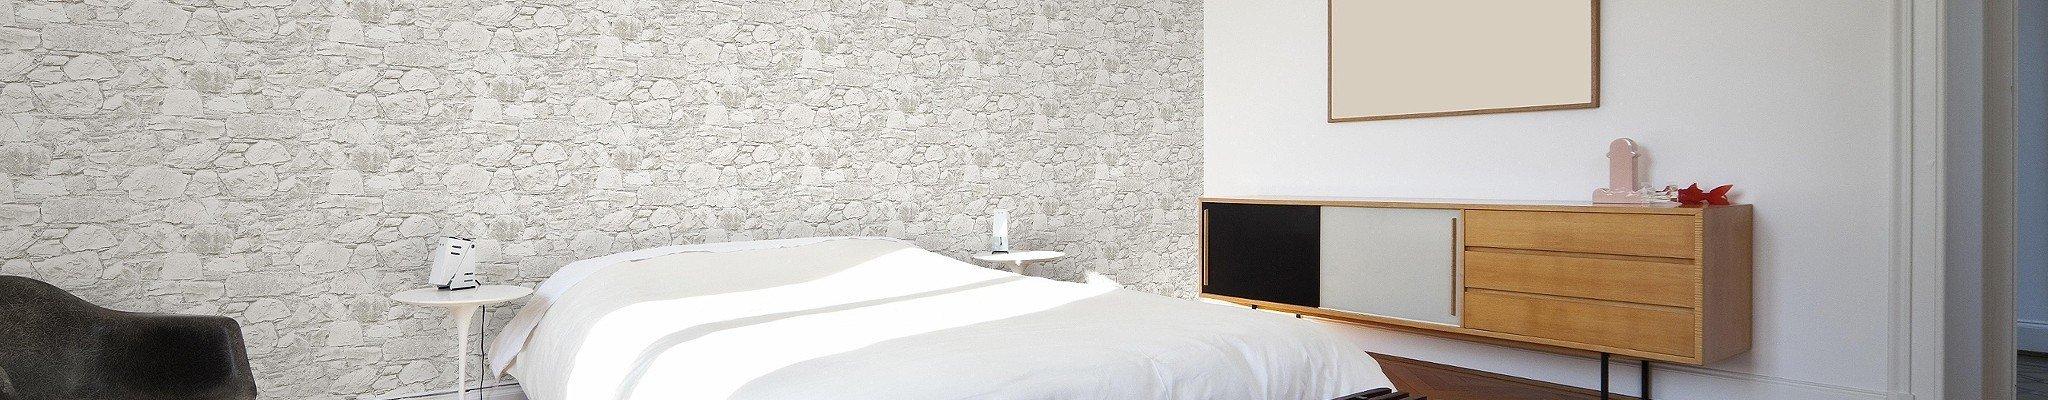 stein naturstein hellbraun tapeten lust auf was. Black Bedroom Furniture Sets. Home Design Ideas